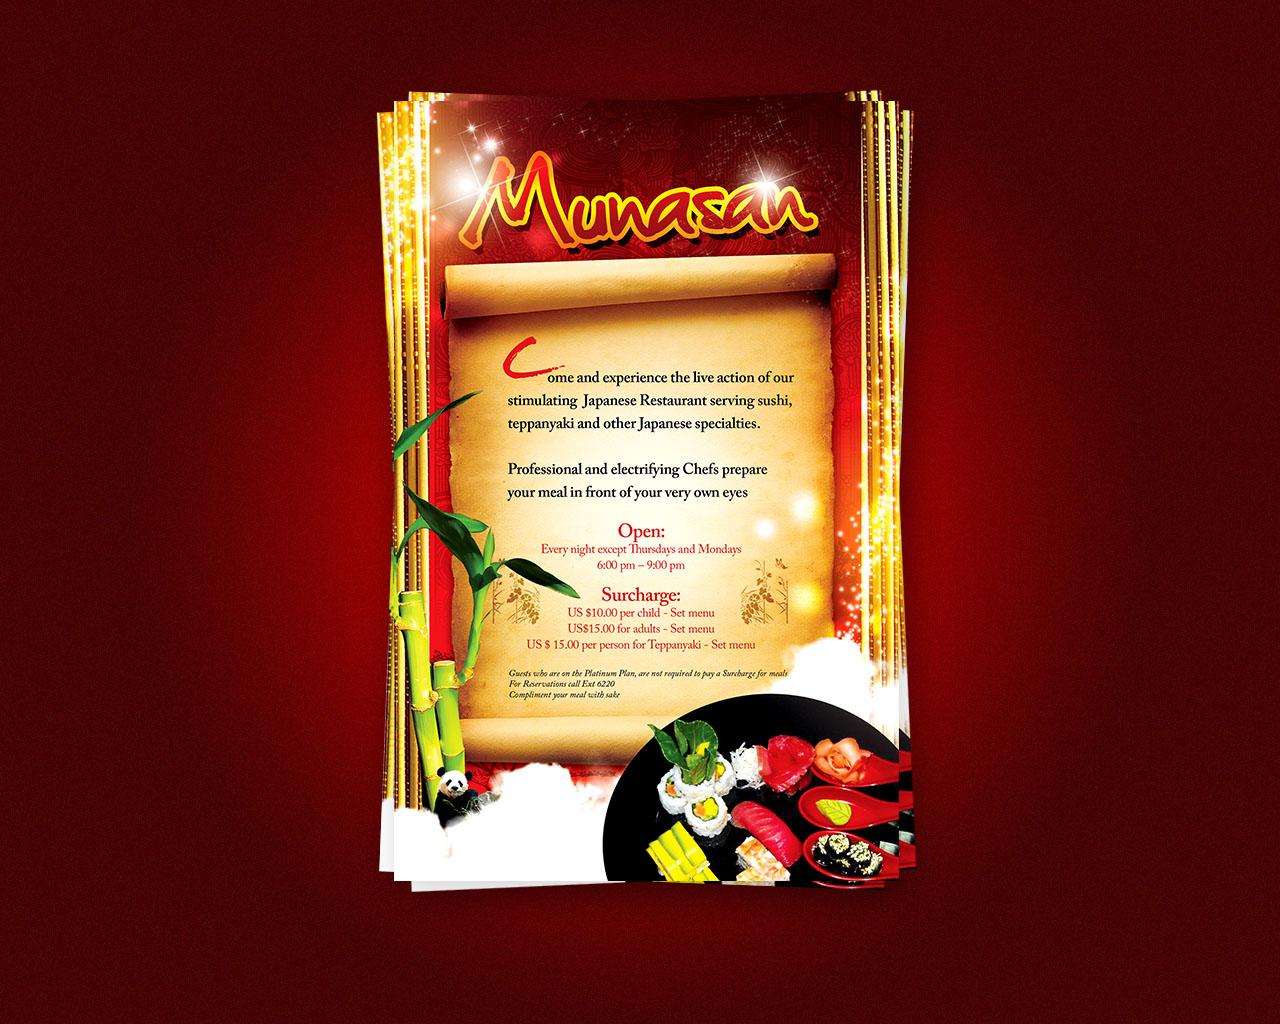 Munasan restaurant flyer by artofmarc on deviantart